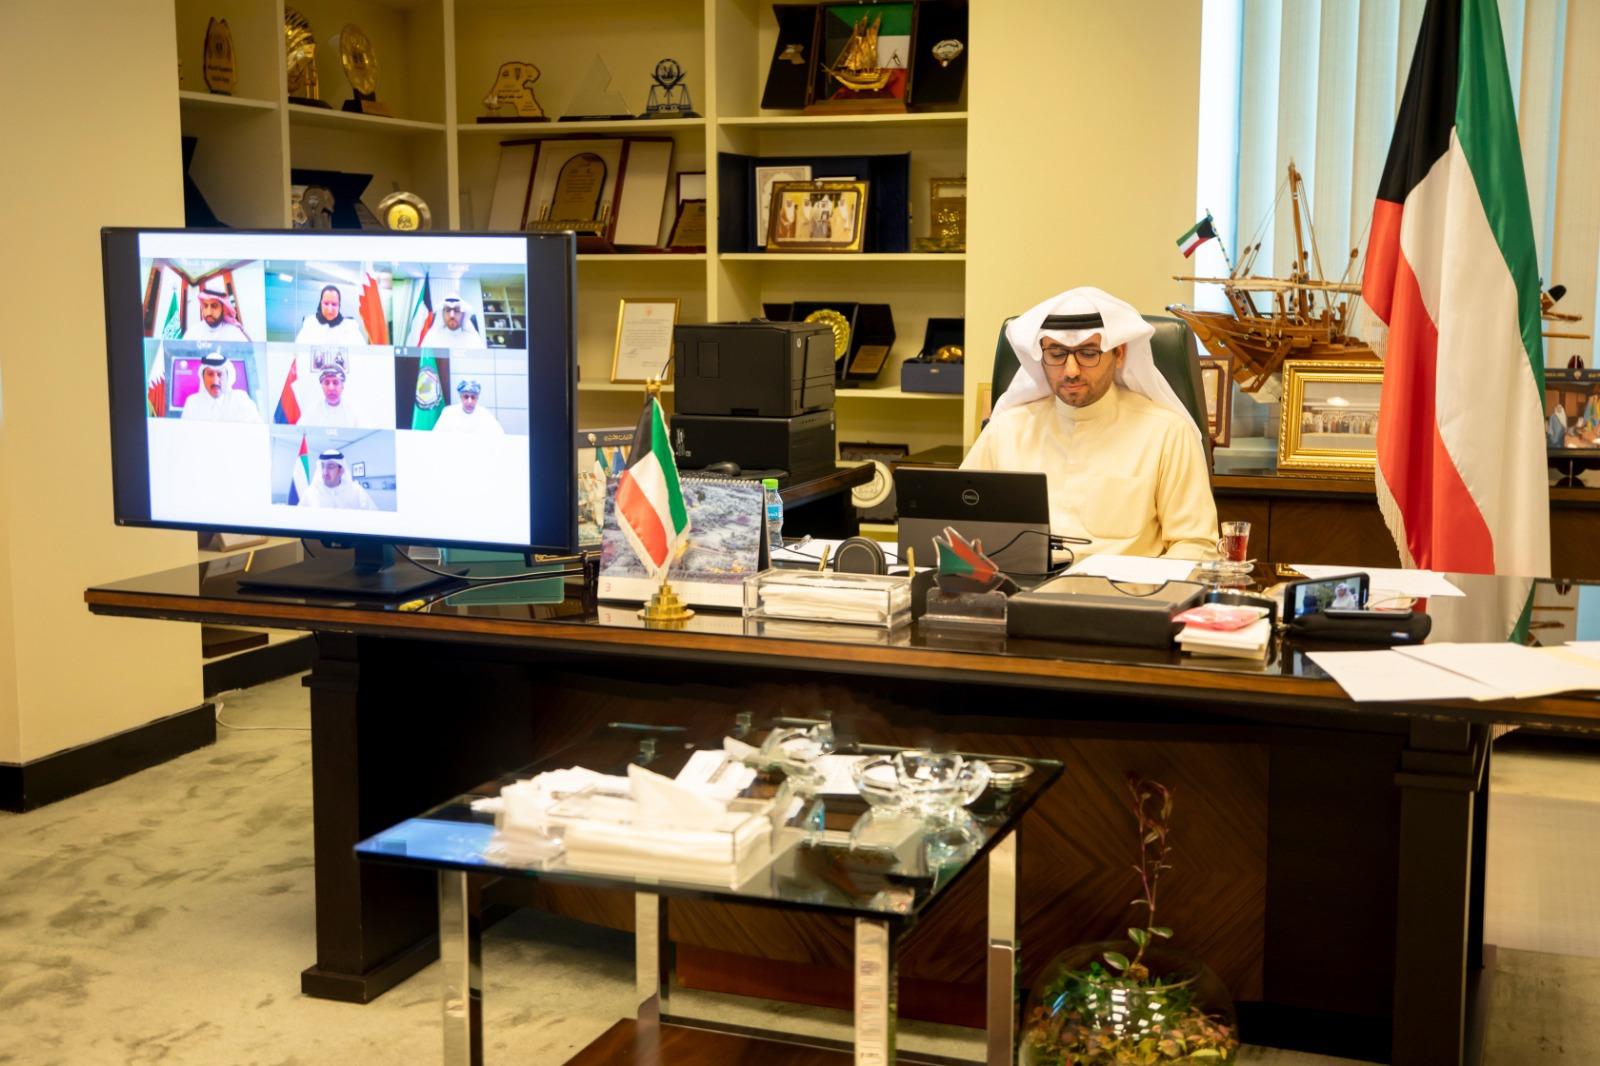 وكلاء التجارة في دول التعاون الخليجي بحثوا تنسيق تدفق السلع